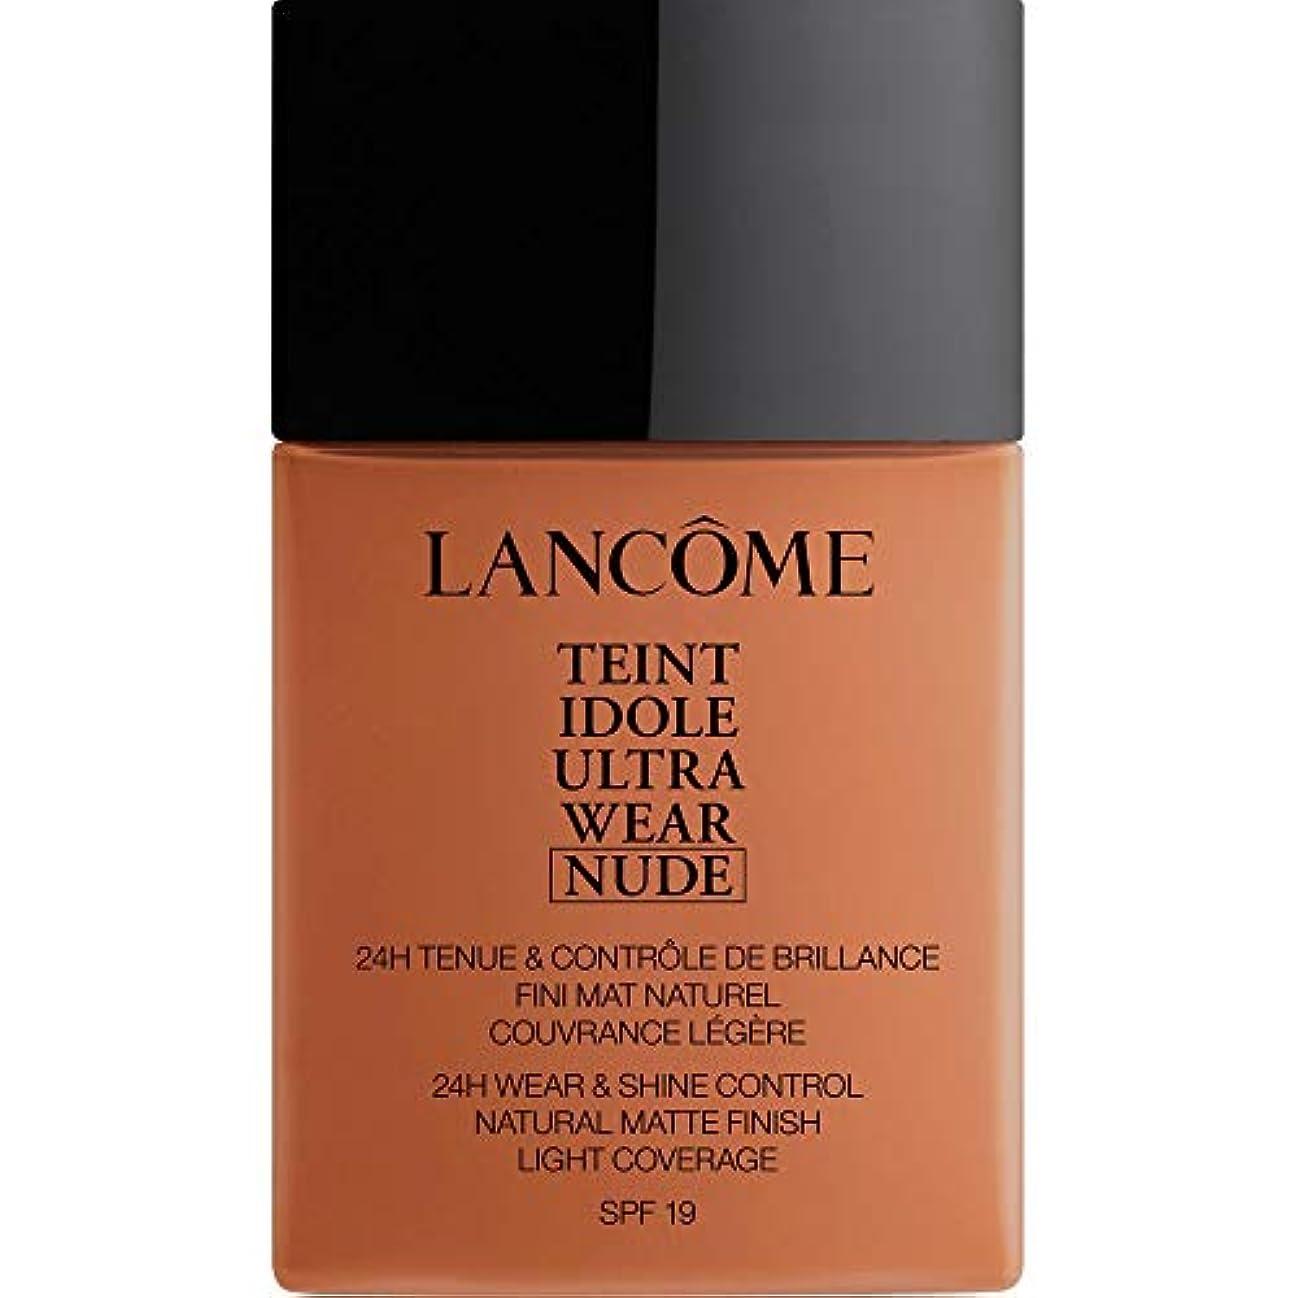 難破船一緒にロードハウス[Lanc?me ] アカジュー - ランコムTeintのIdoleは、超ヌード基礎Spf19の40ミリリットル10.1を着用します - Lancome Teint Idole Ultra Wear Nude Foundation...